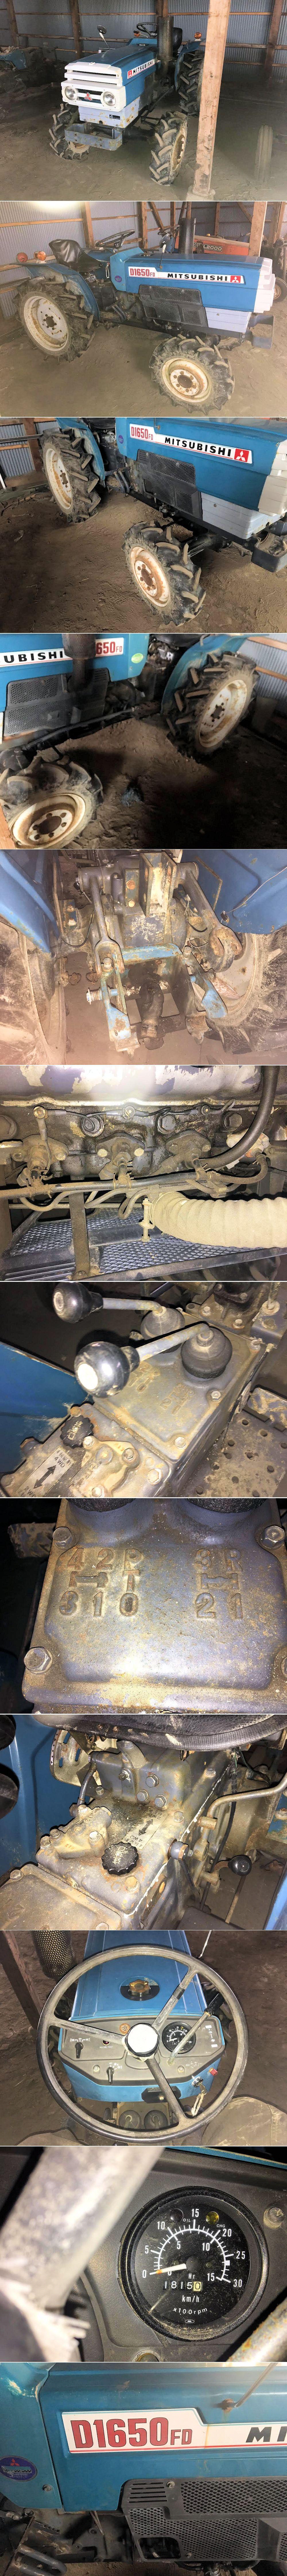 三菱 トラクター D1650FD ディーゼル16馬力 4気筒 4WD 1815アワー 実働品 中古